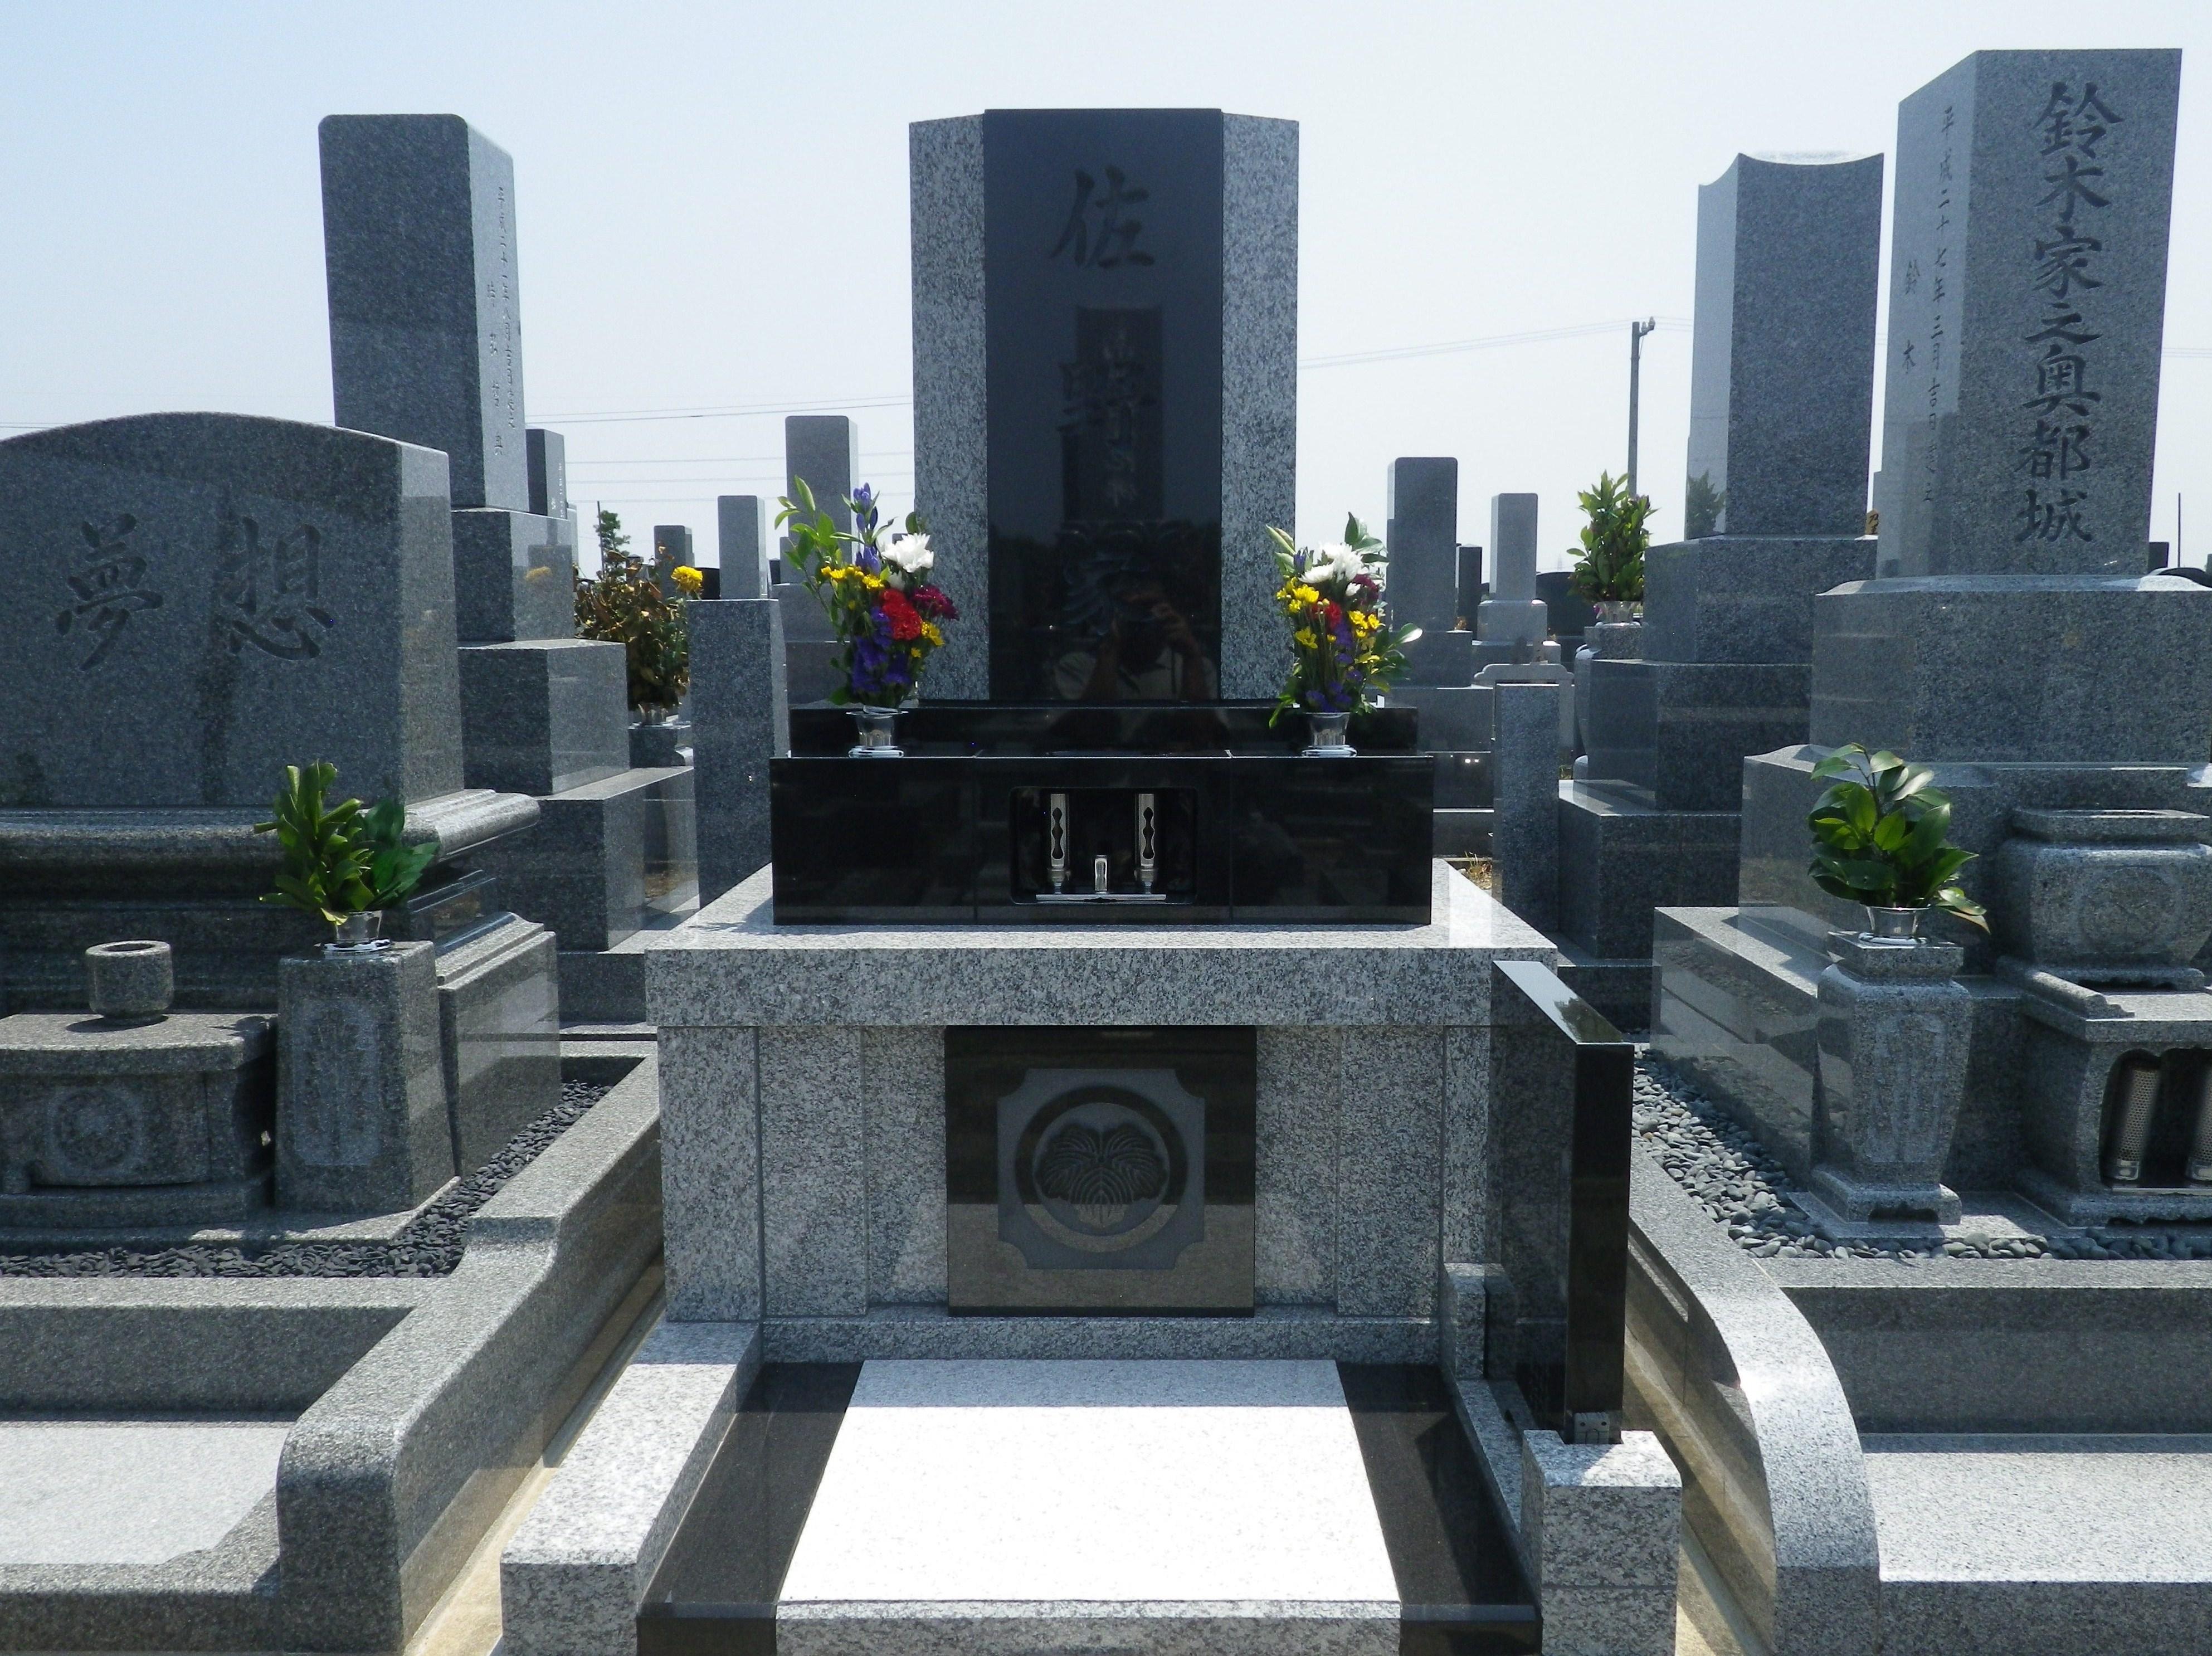 201508 ○豊橋市 梅田川墓苑(D-66) インド産 クンナム 洋型 佐野俊一様